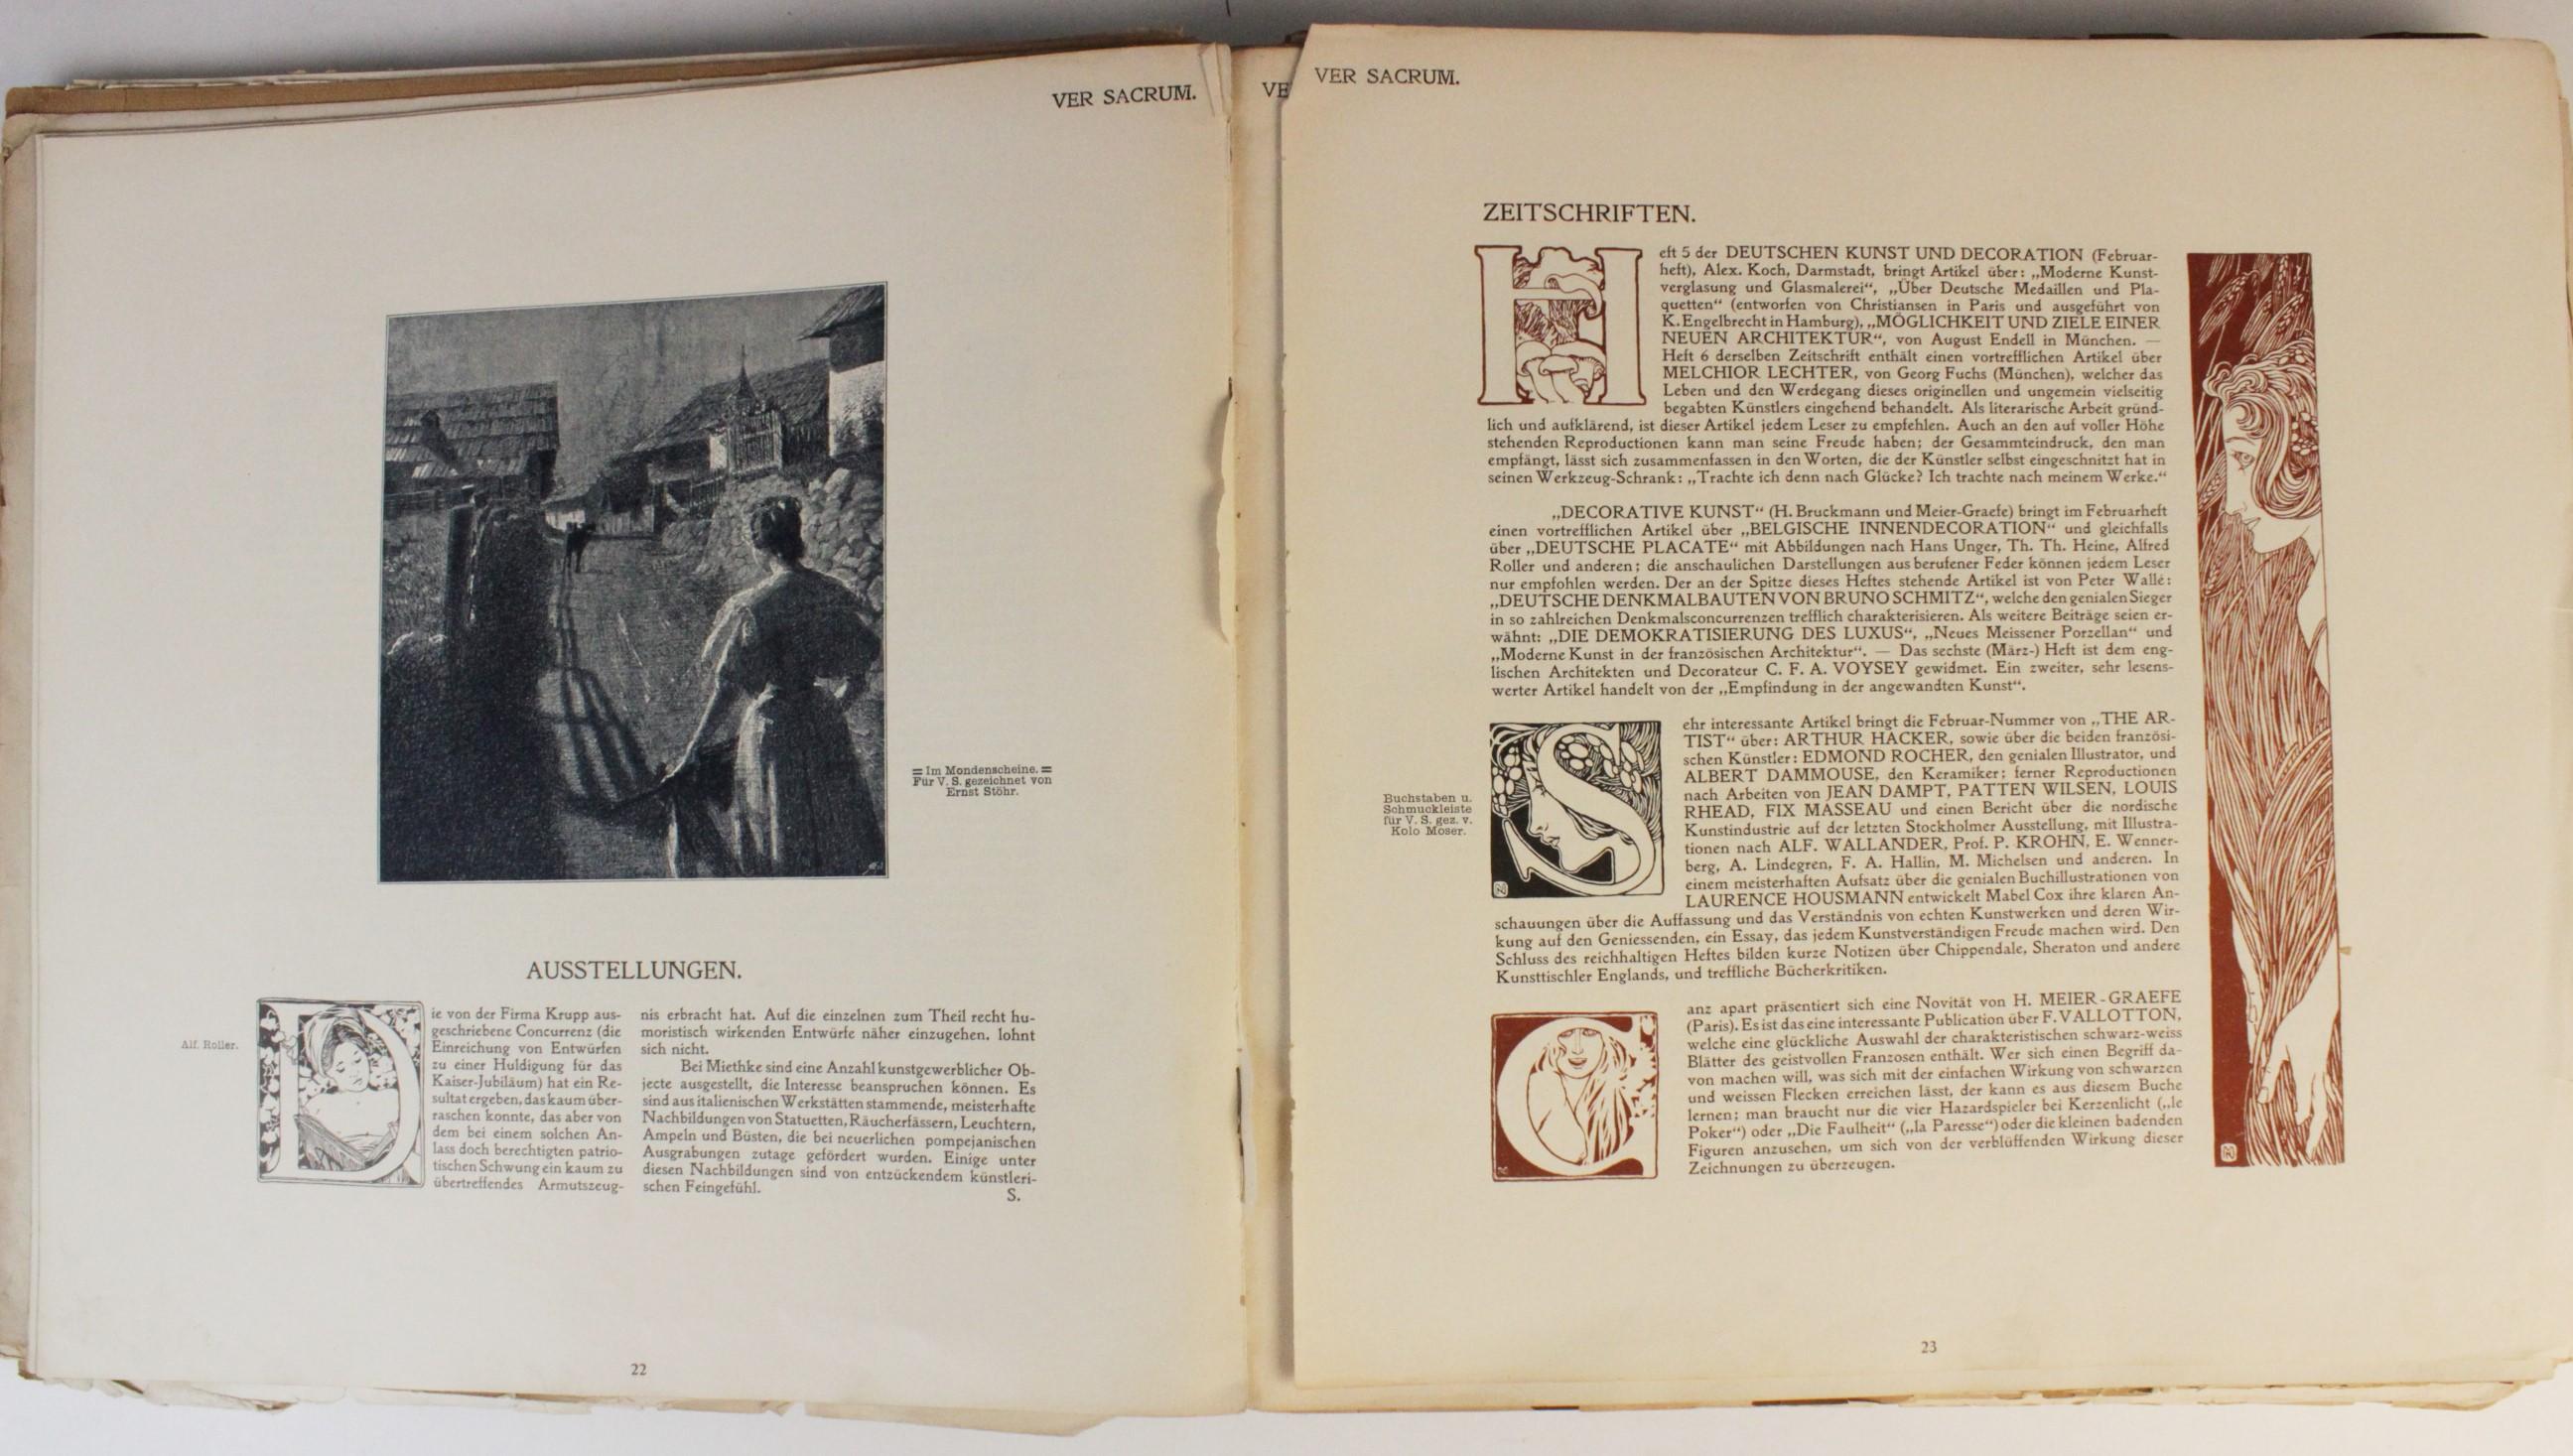 VER SACRUM, ORGAN DER JEREINIGUNG BILDENDER KUENSTLER OSTERREICHS [ORGAN OF THE PURIFICATION OF - Image 5 of 16